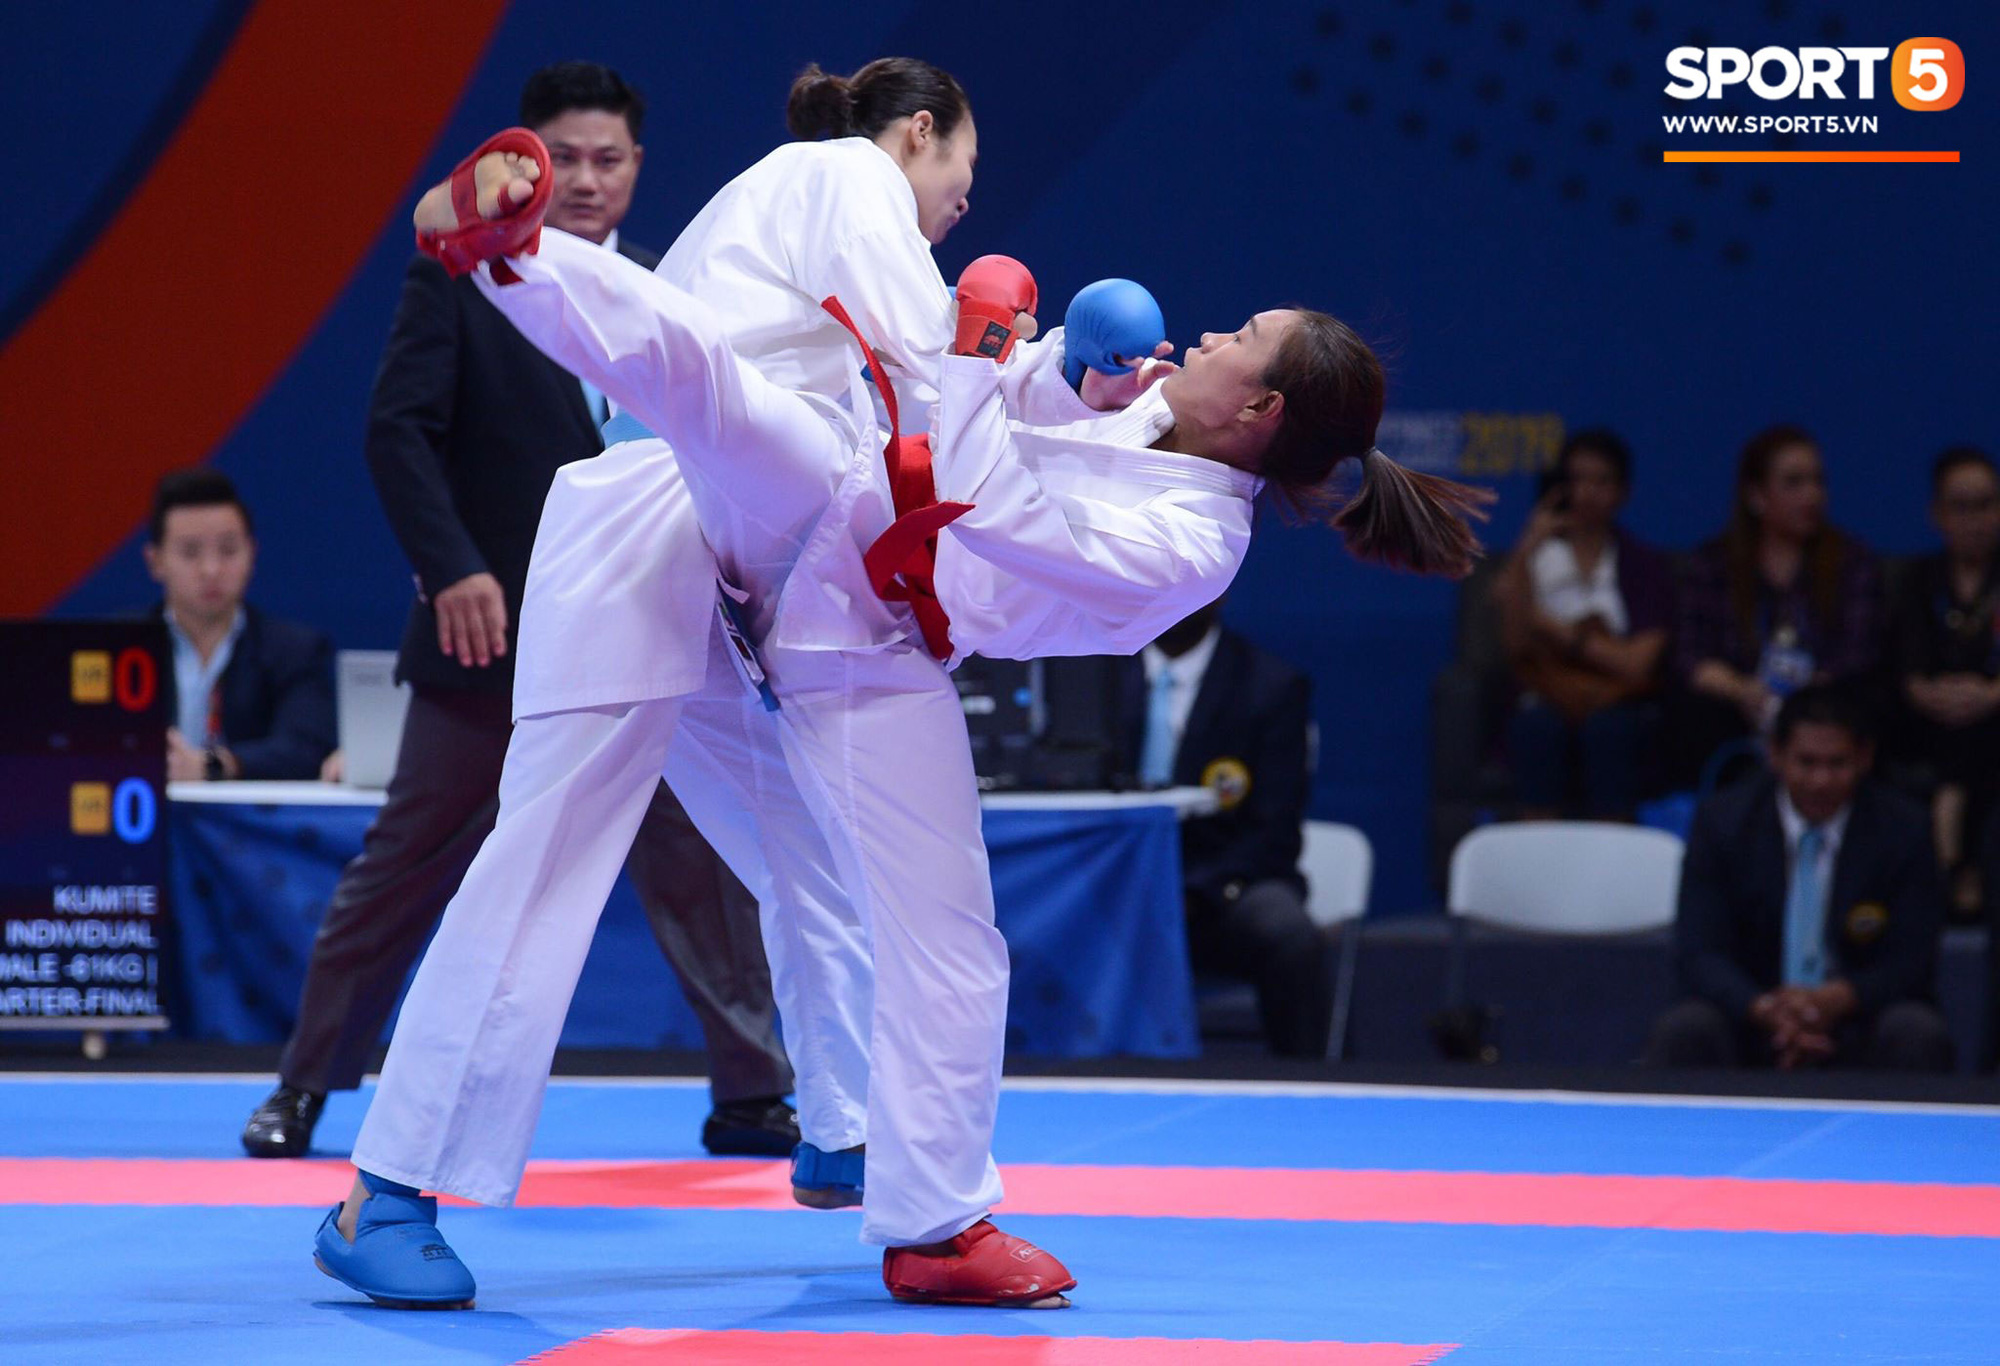 SEA Games ngày 8/12: Nữ hoàng điền kinh Tú Chinh vượt 2 VĐV nhập tịch trong tích tắc, xuất sắc giành HCV chung cuộc - Ảnh 69.